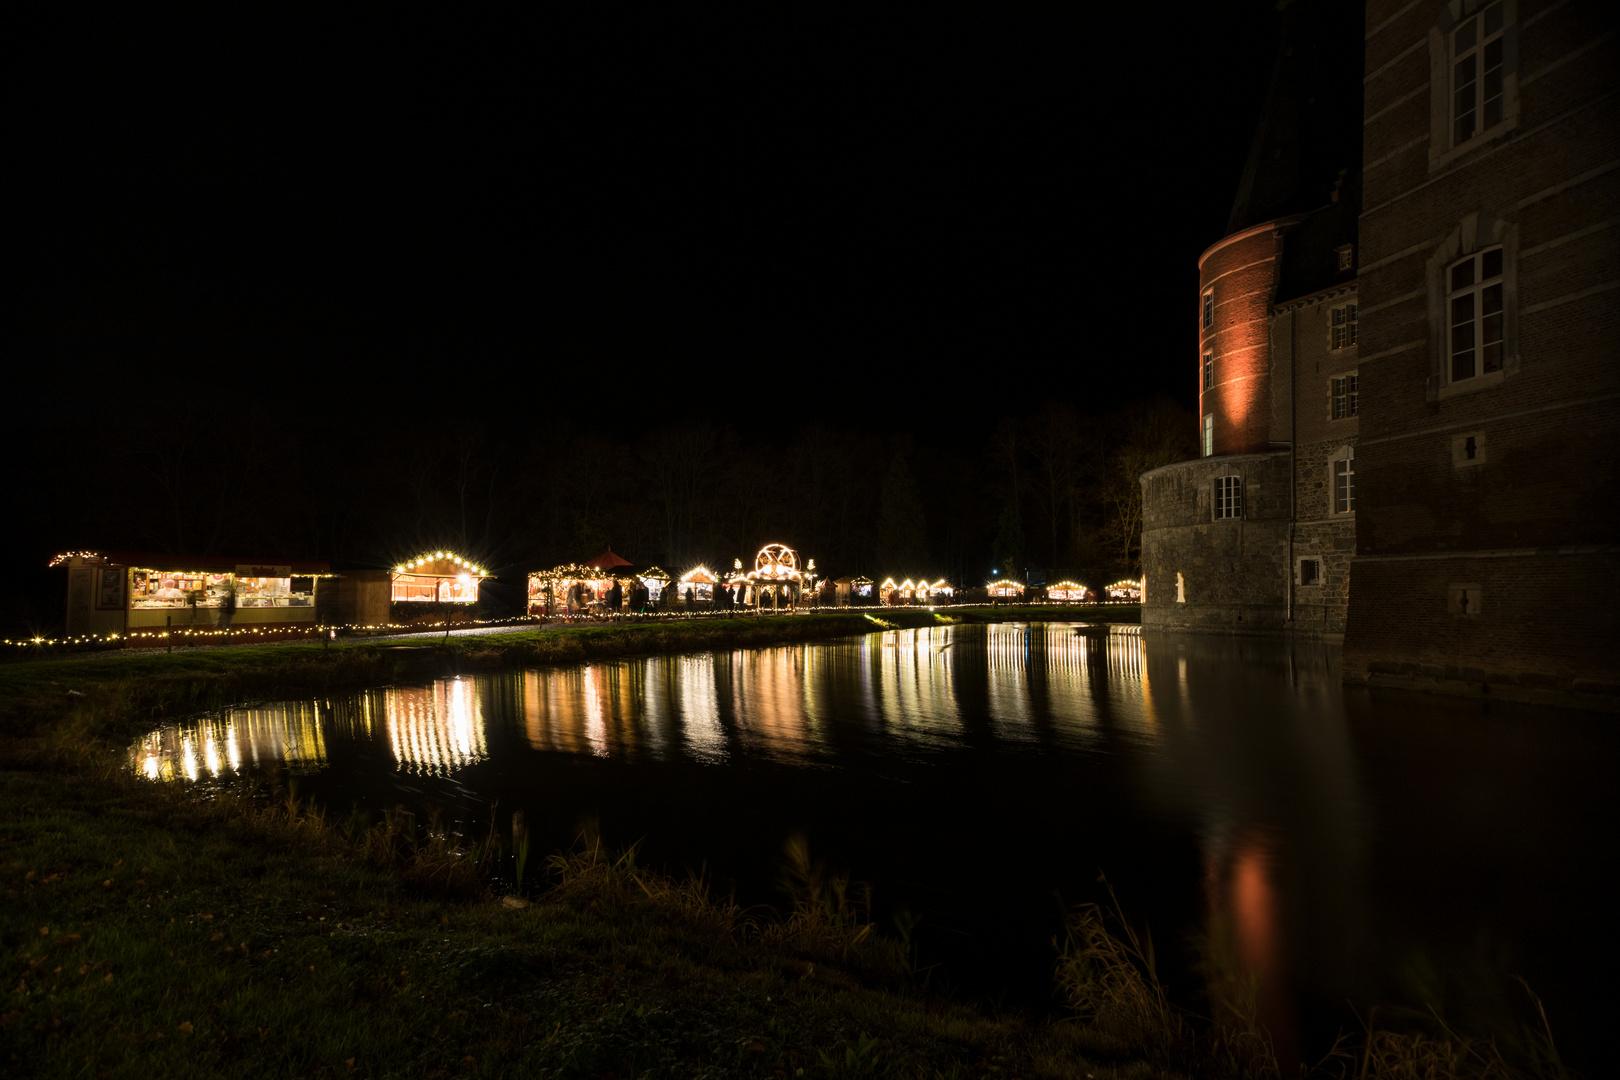 Weihnachtsmarkt Schloss Merode.Weihnachtsmarkt Schloss Merode 5 Foto Bild Deutschland Europe